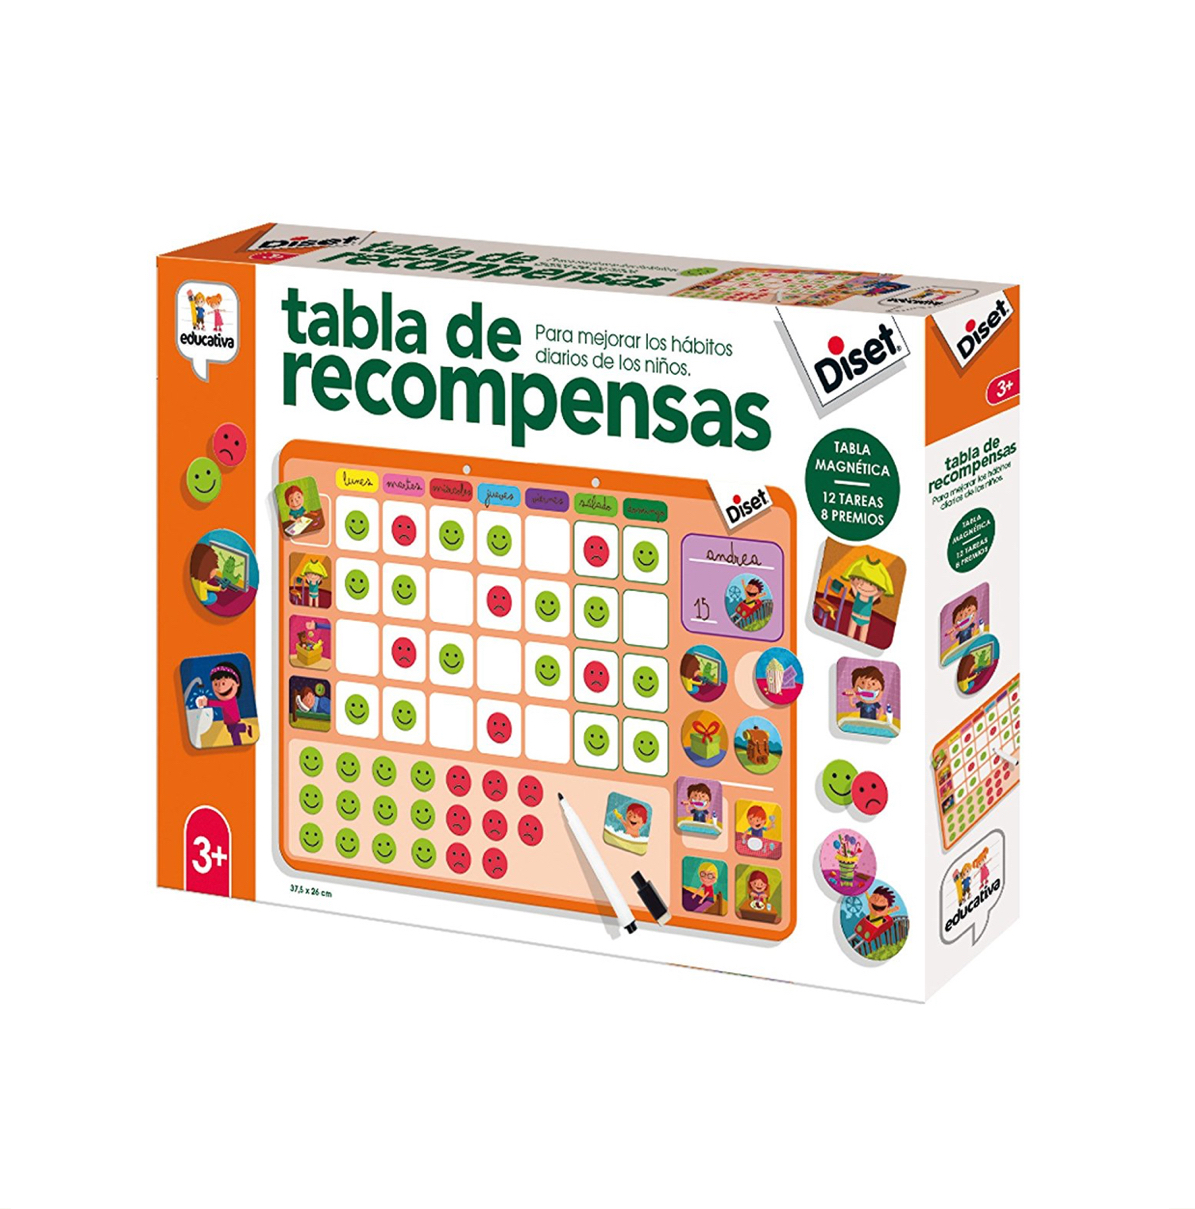 tabla-de-recompensas-de-diset-en-el-mundo-de-mico3